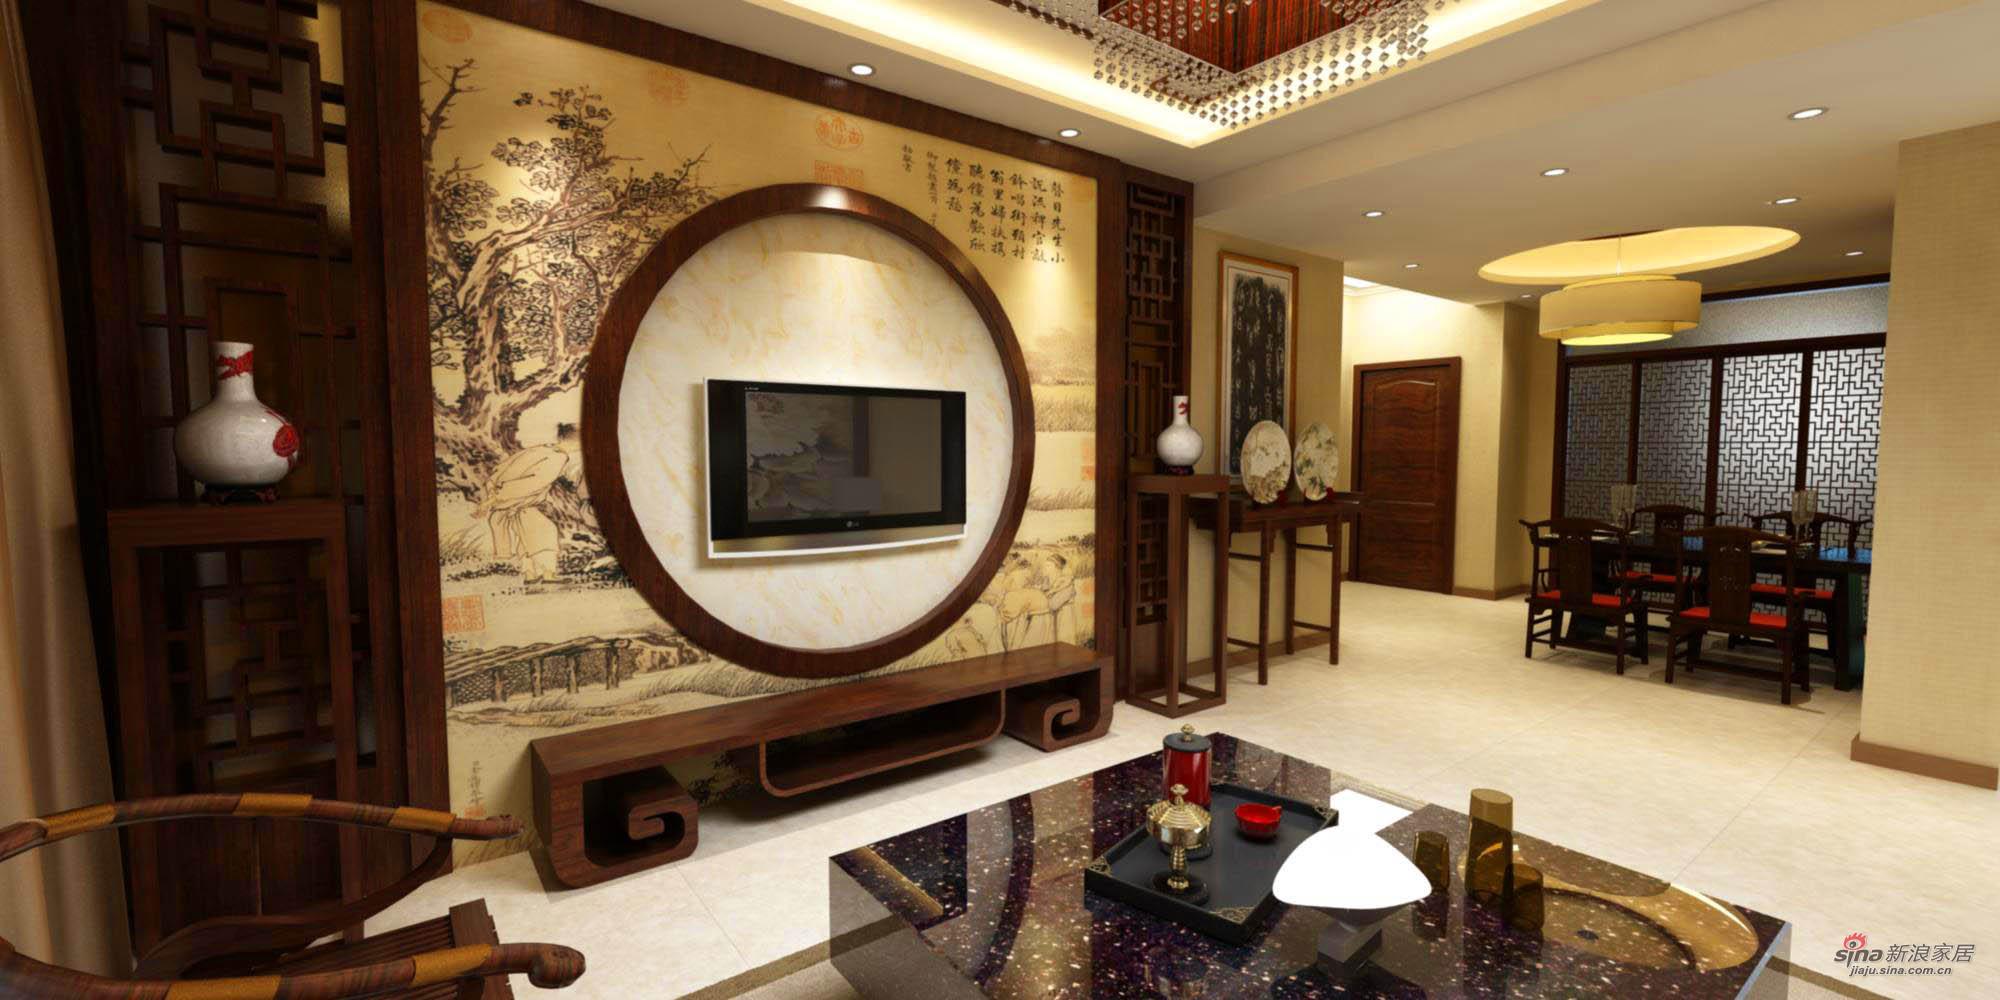 中式 二居 客厅图片来自用户1907661335在中式家居设计75的分享